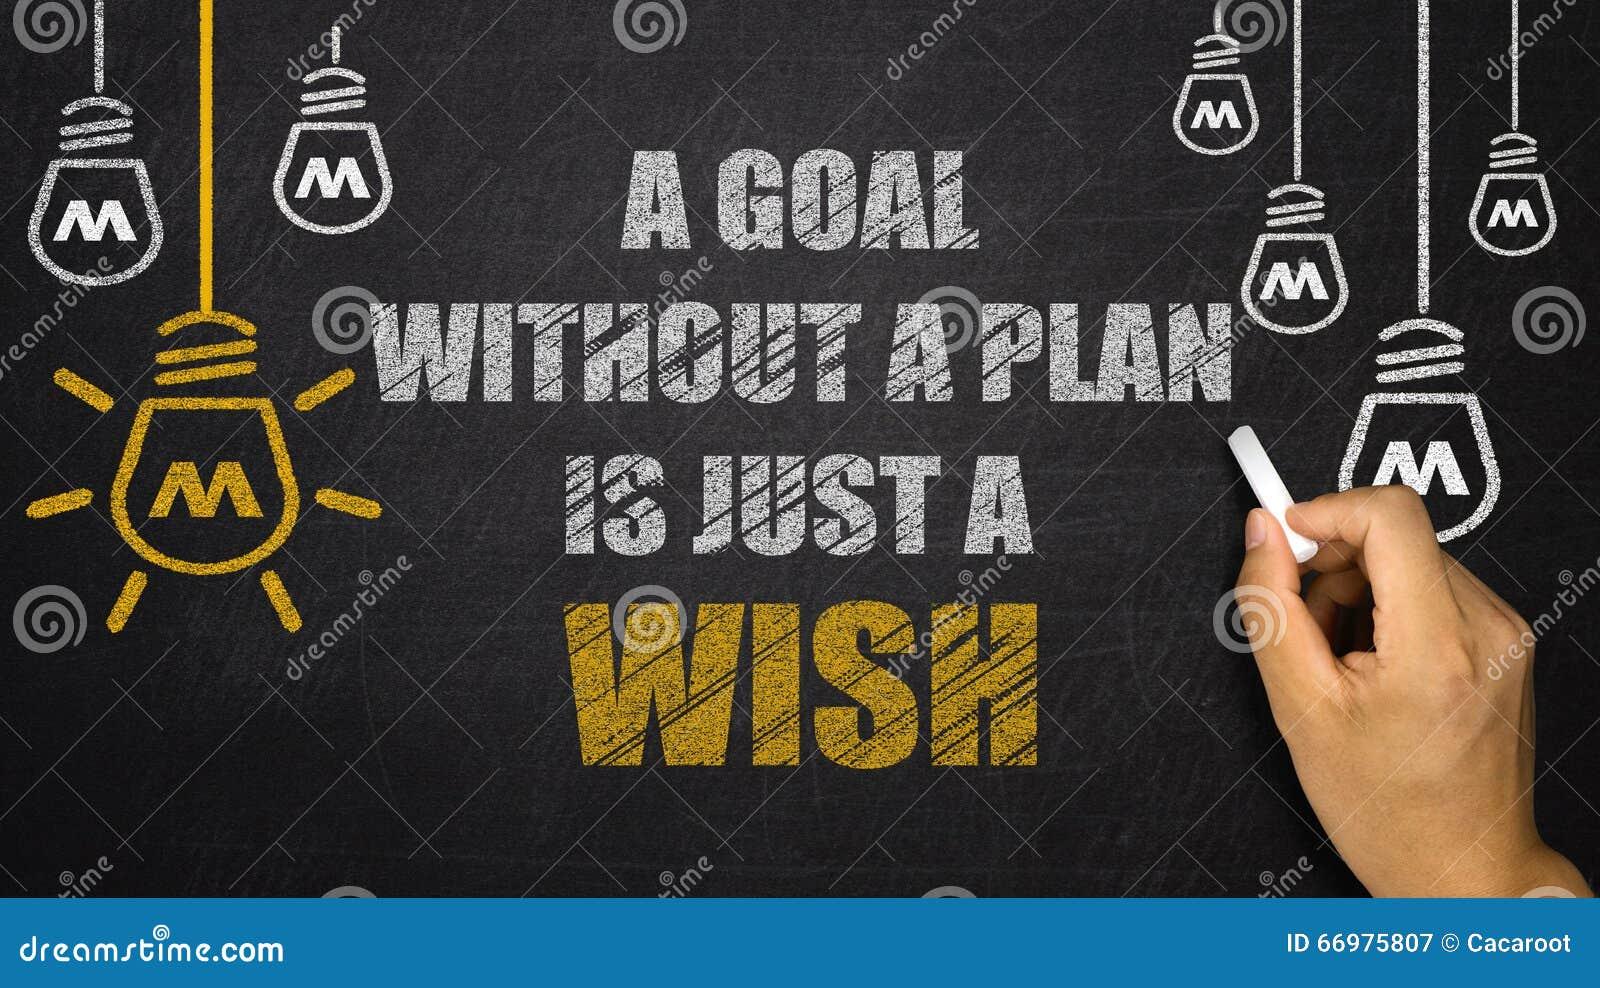 Цель без плана как раз желание